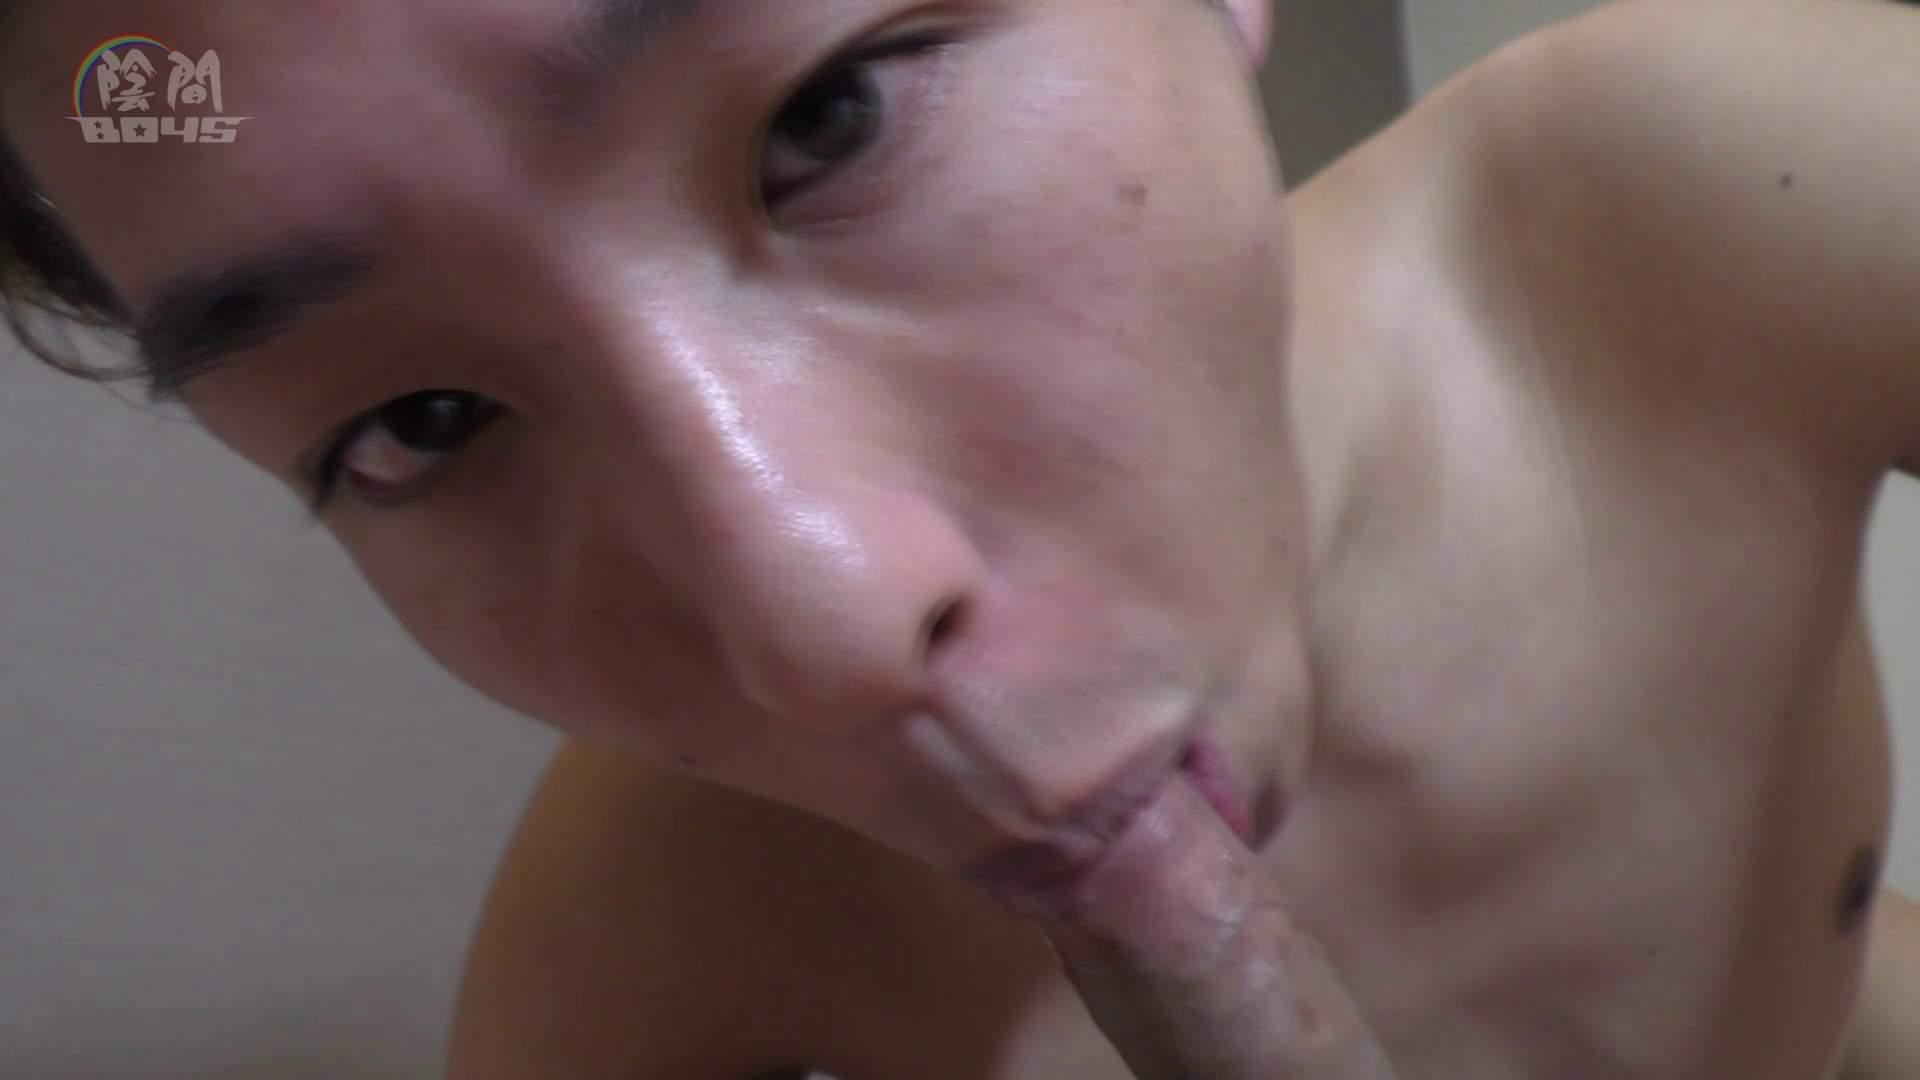 デカチン探偵かしこまりpart2 No.05 ゲイ・セックス ゲイフェラチオ画像 60pic 60